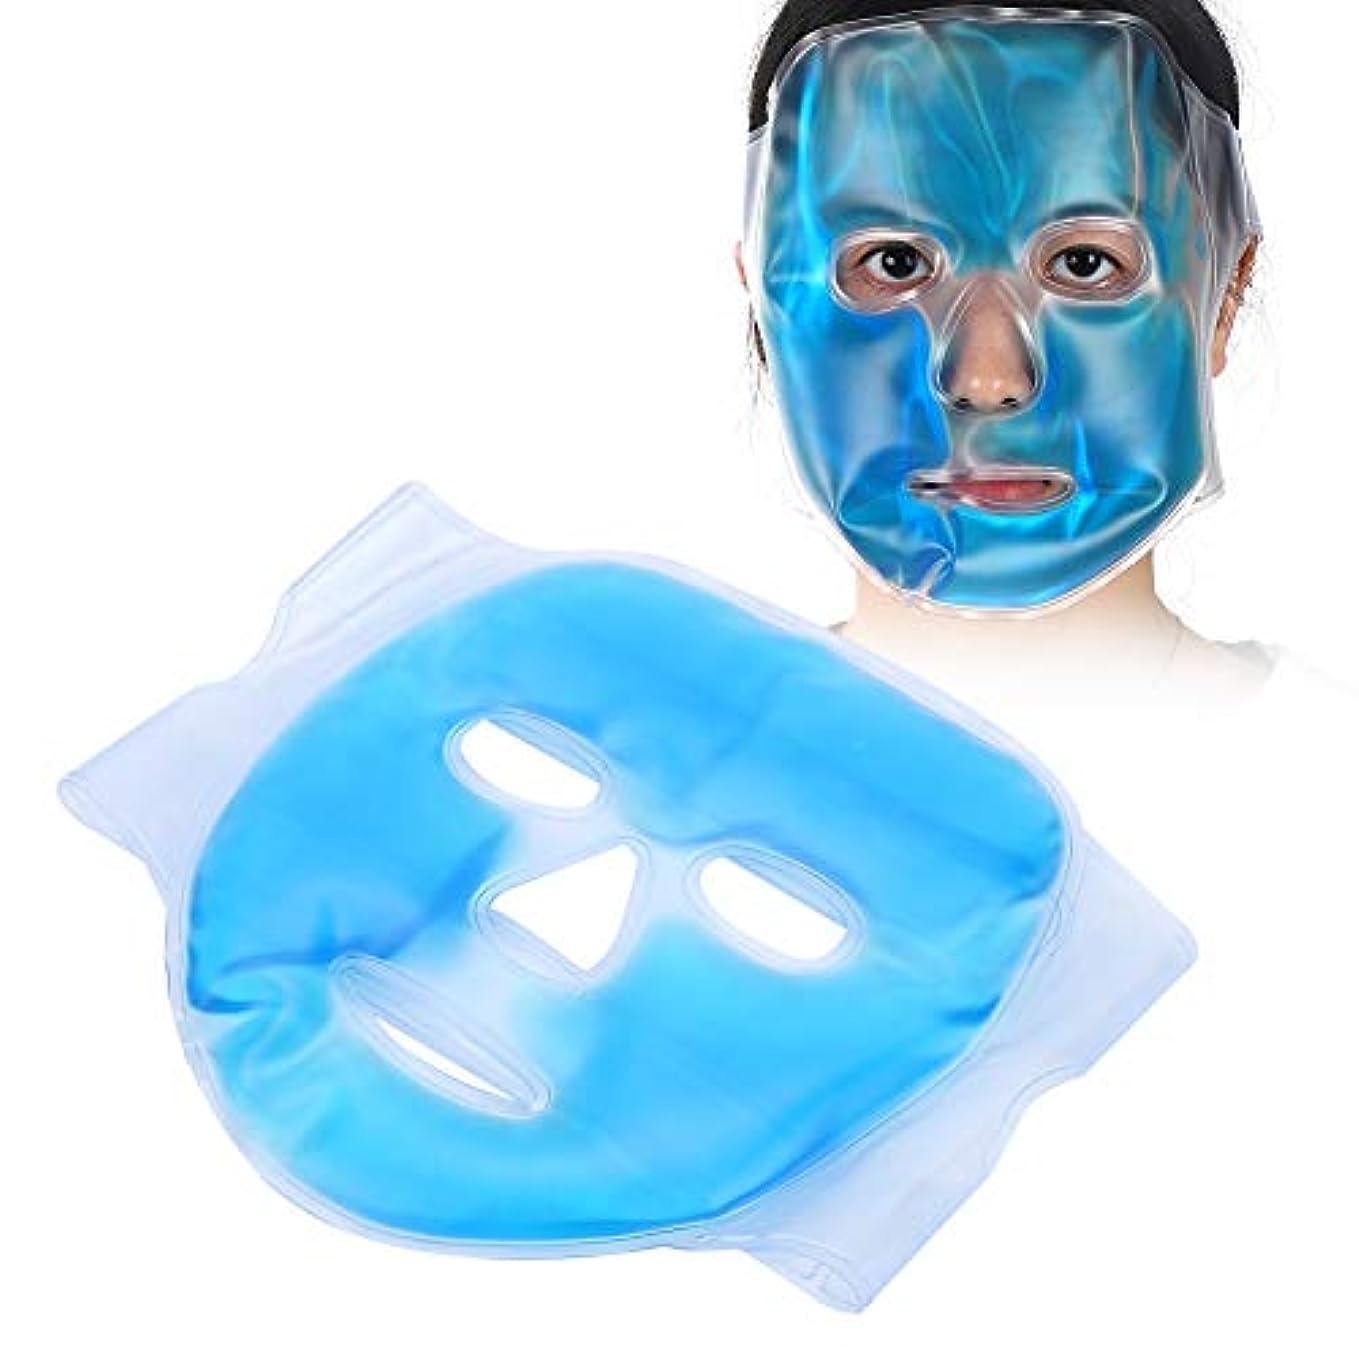 ライセンス不完全それから保湿 ジェル ブルー フェイスマスク 疲労緩和 リラクゼーション フルフェイスクーリングマスク